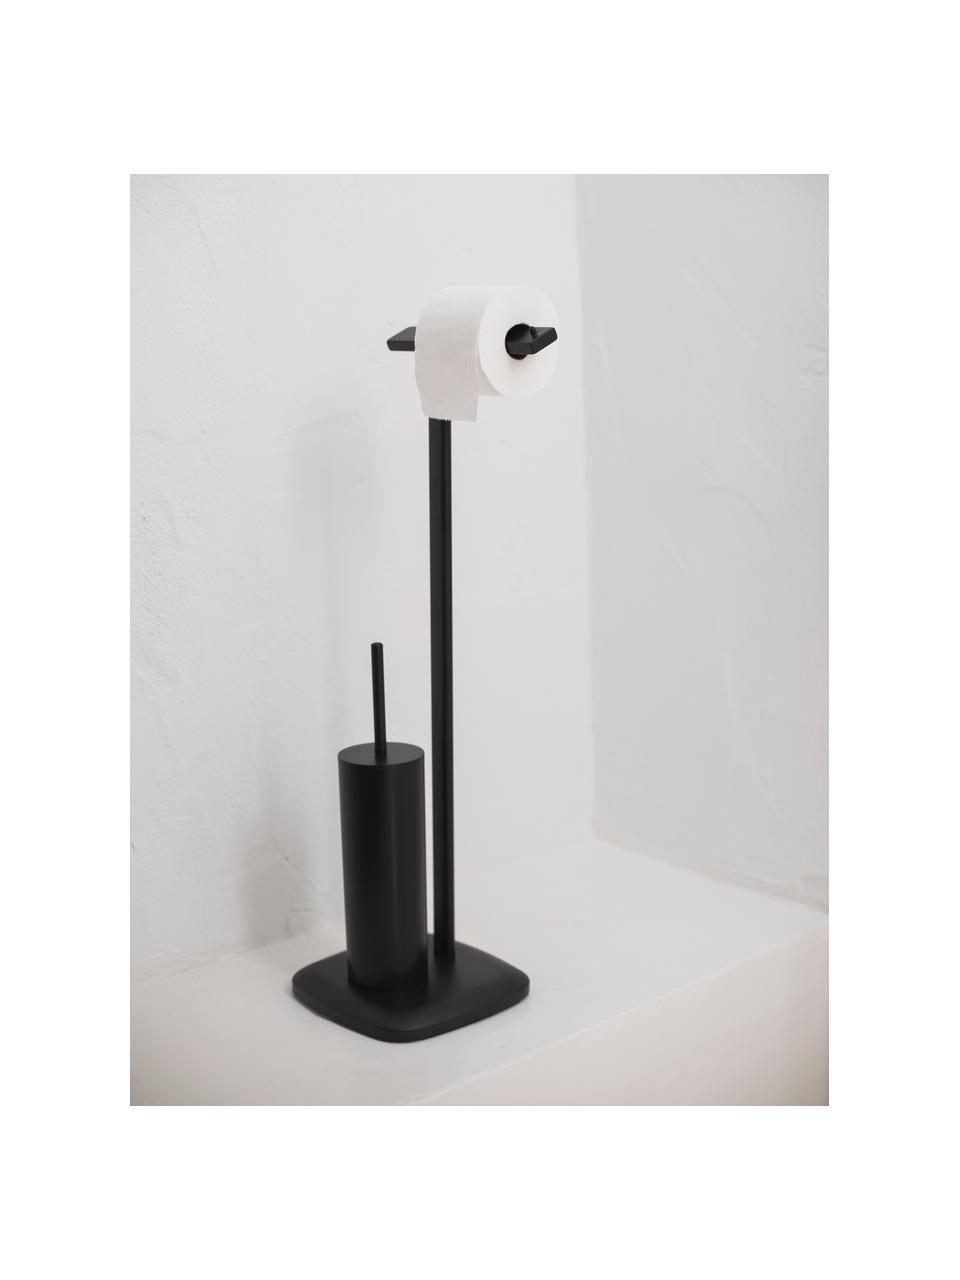 Stojak na papier toaletowy i szczotkę toaletową Deptford, Metal powlekany, Czarny, S 23 x W 73 cm